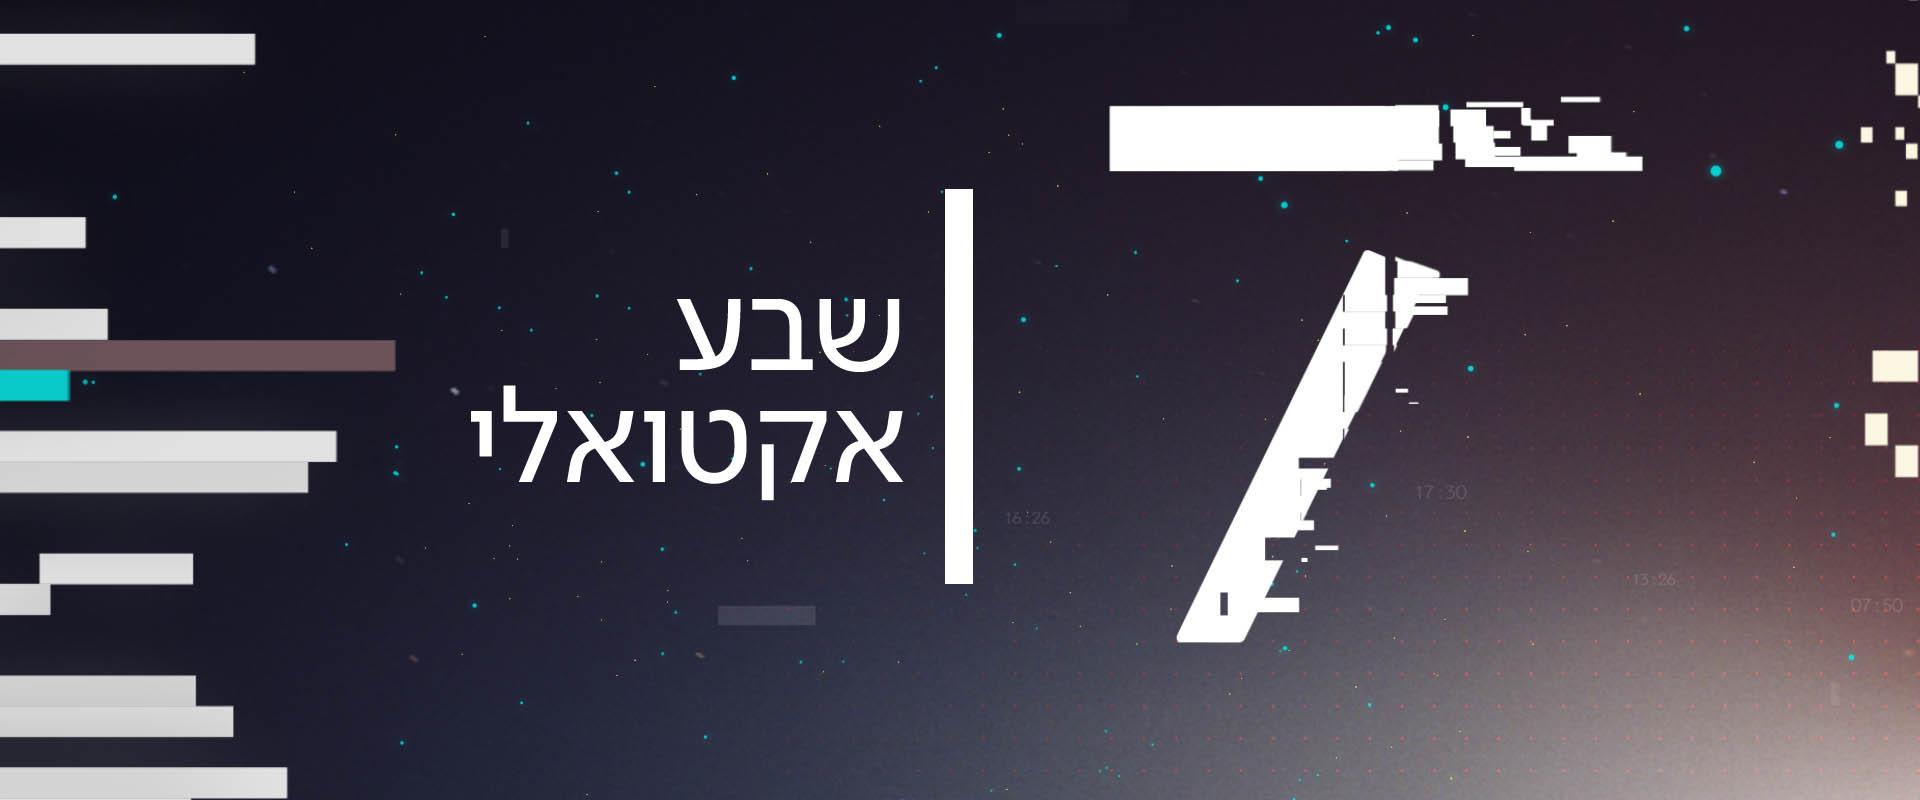 שבע אקטואלי